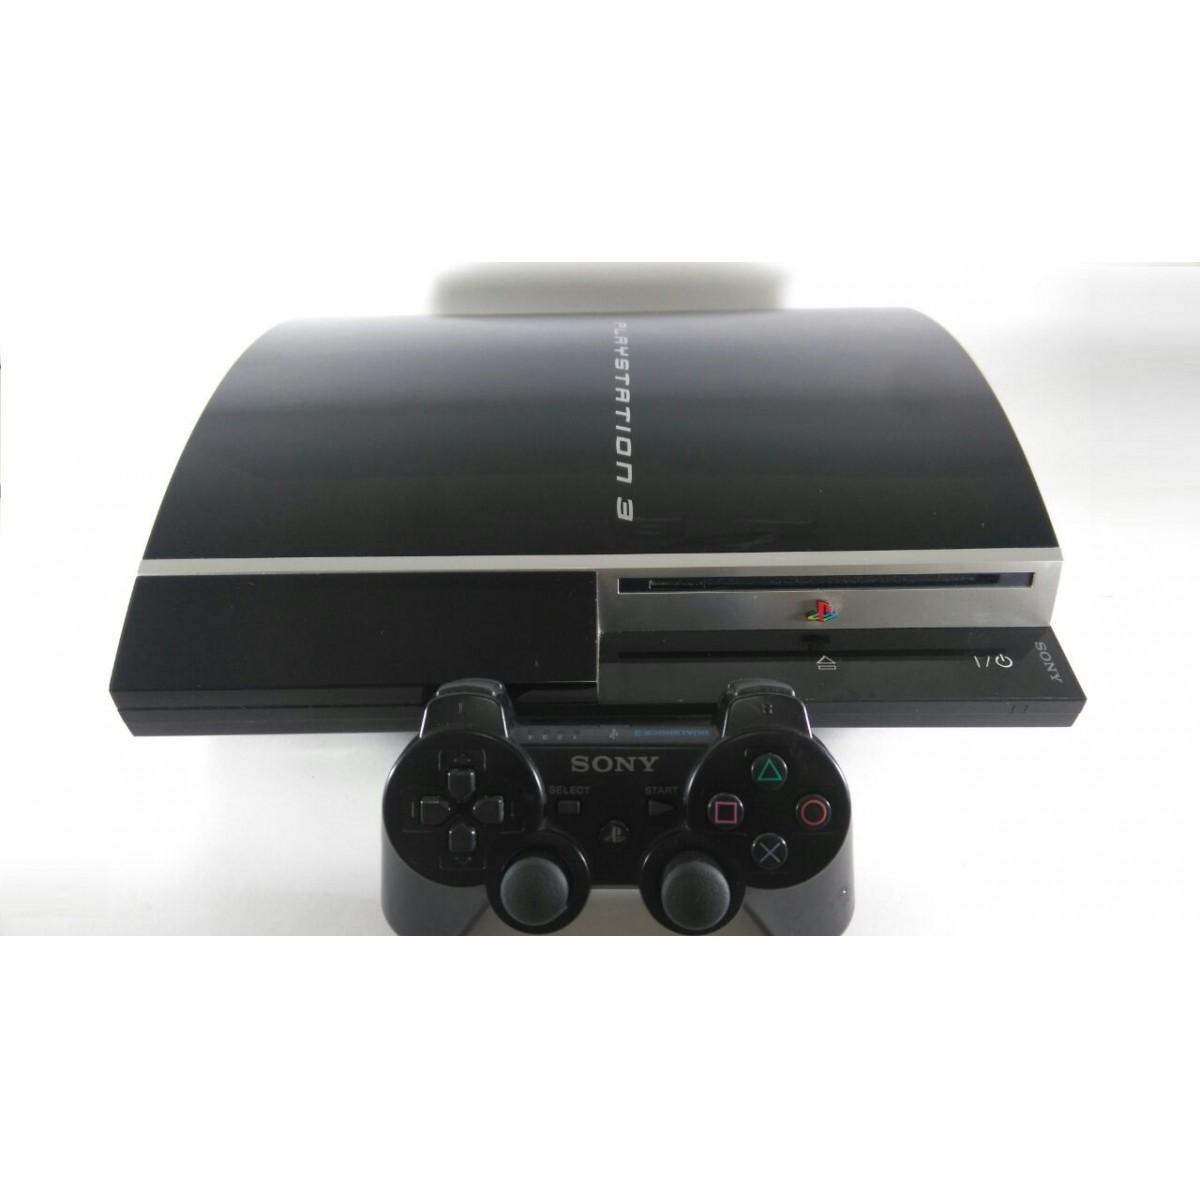 Console PS3 Fat 80GB 120V Original Usado - A Maior locadora de games on